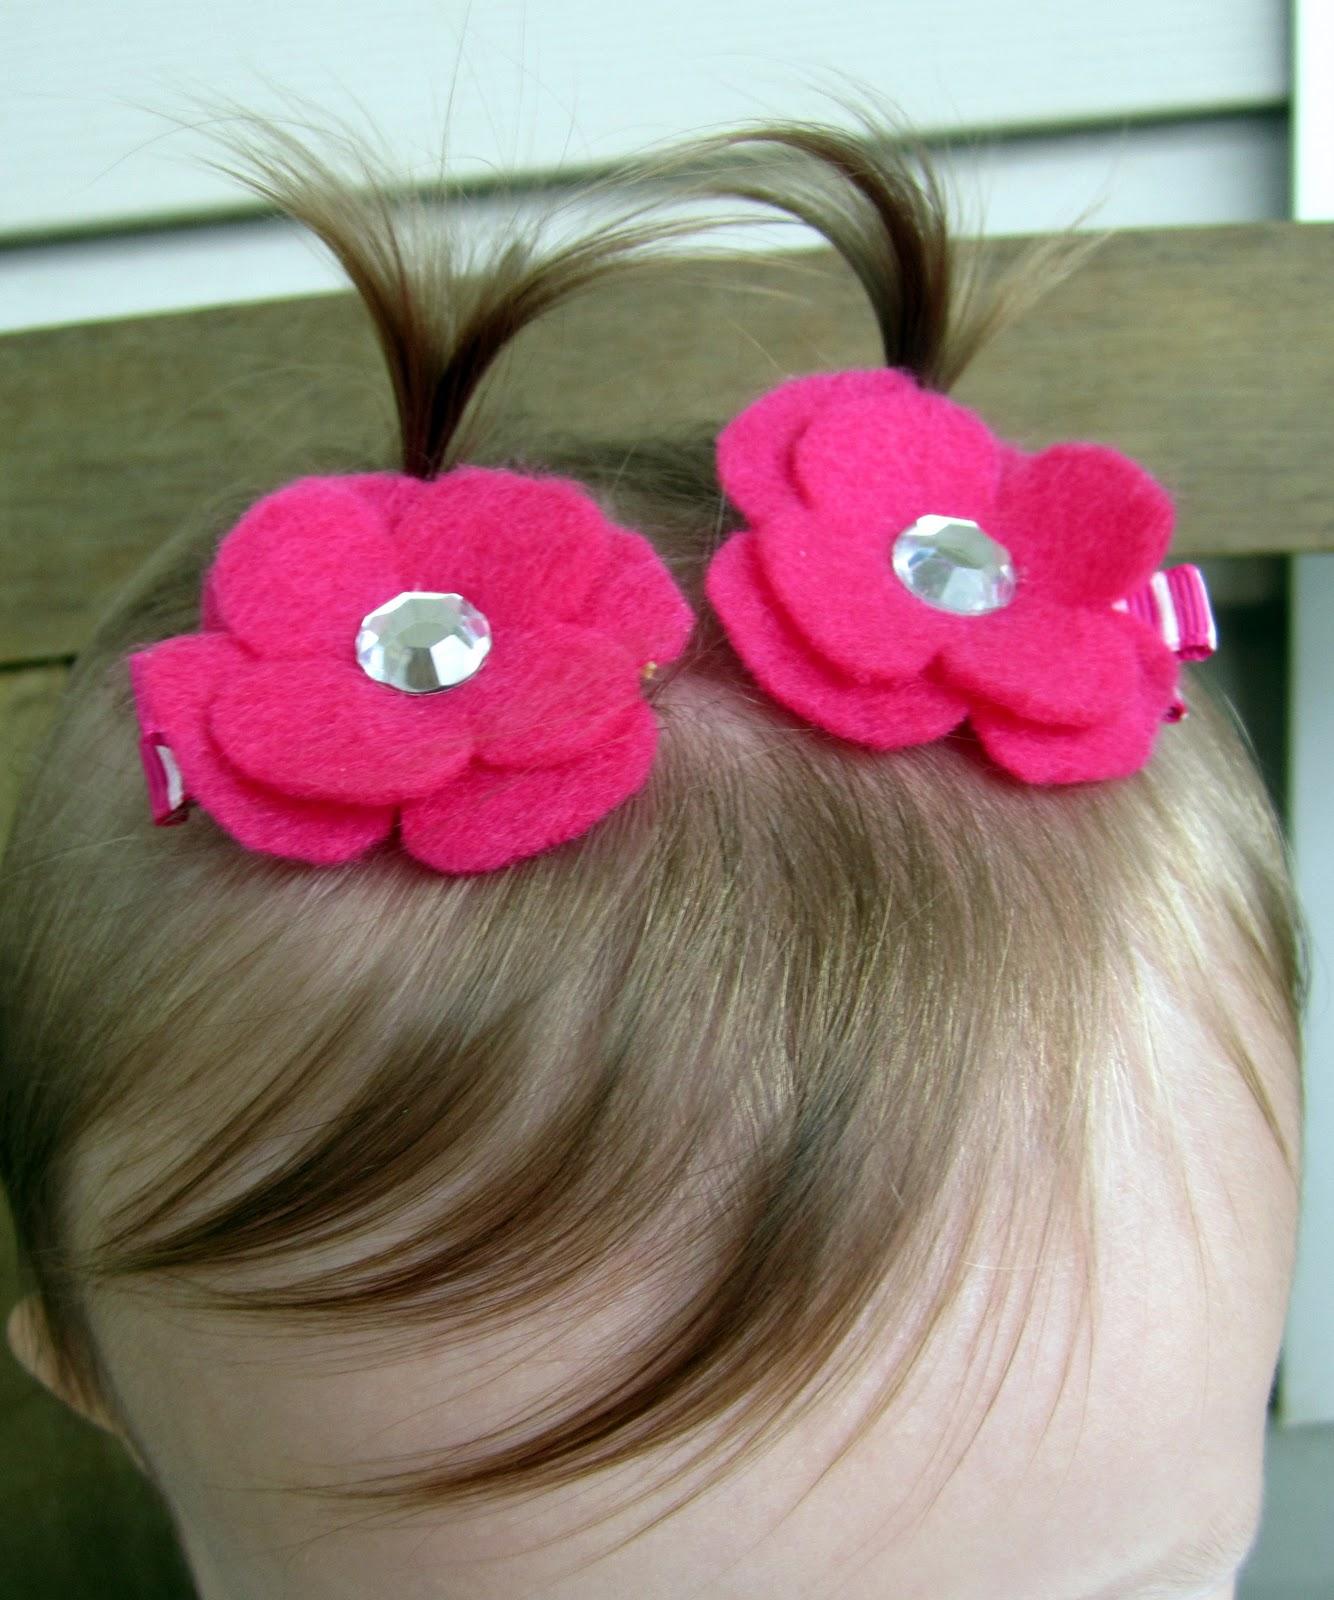 Pretty Lil' Posies: Felt Flower Clips Tutorial